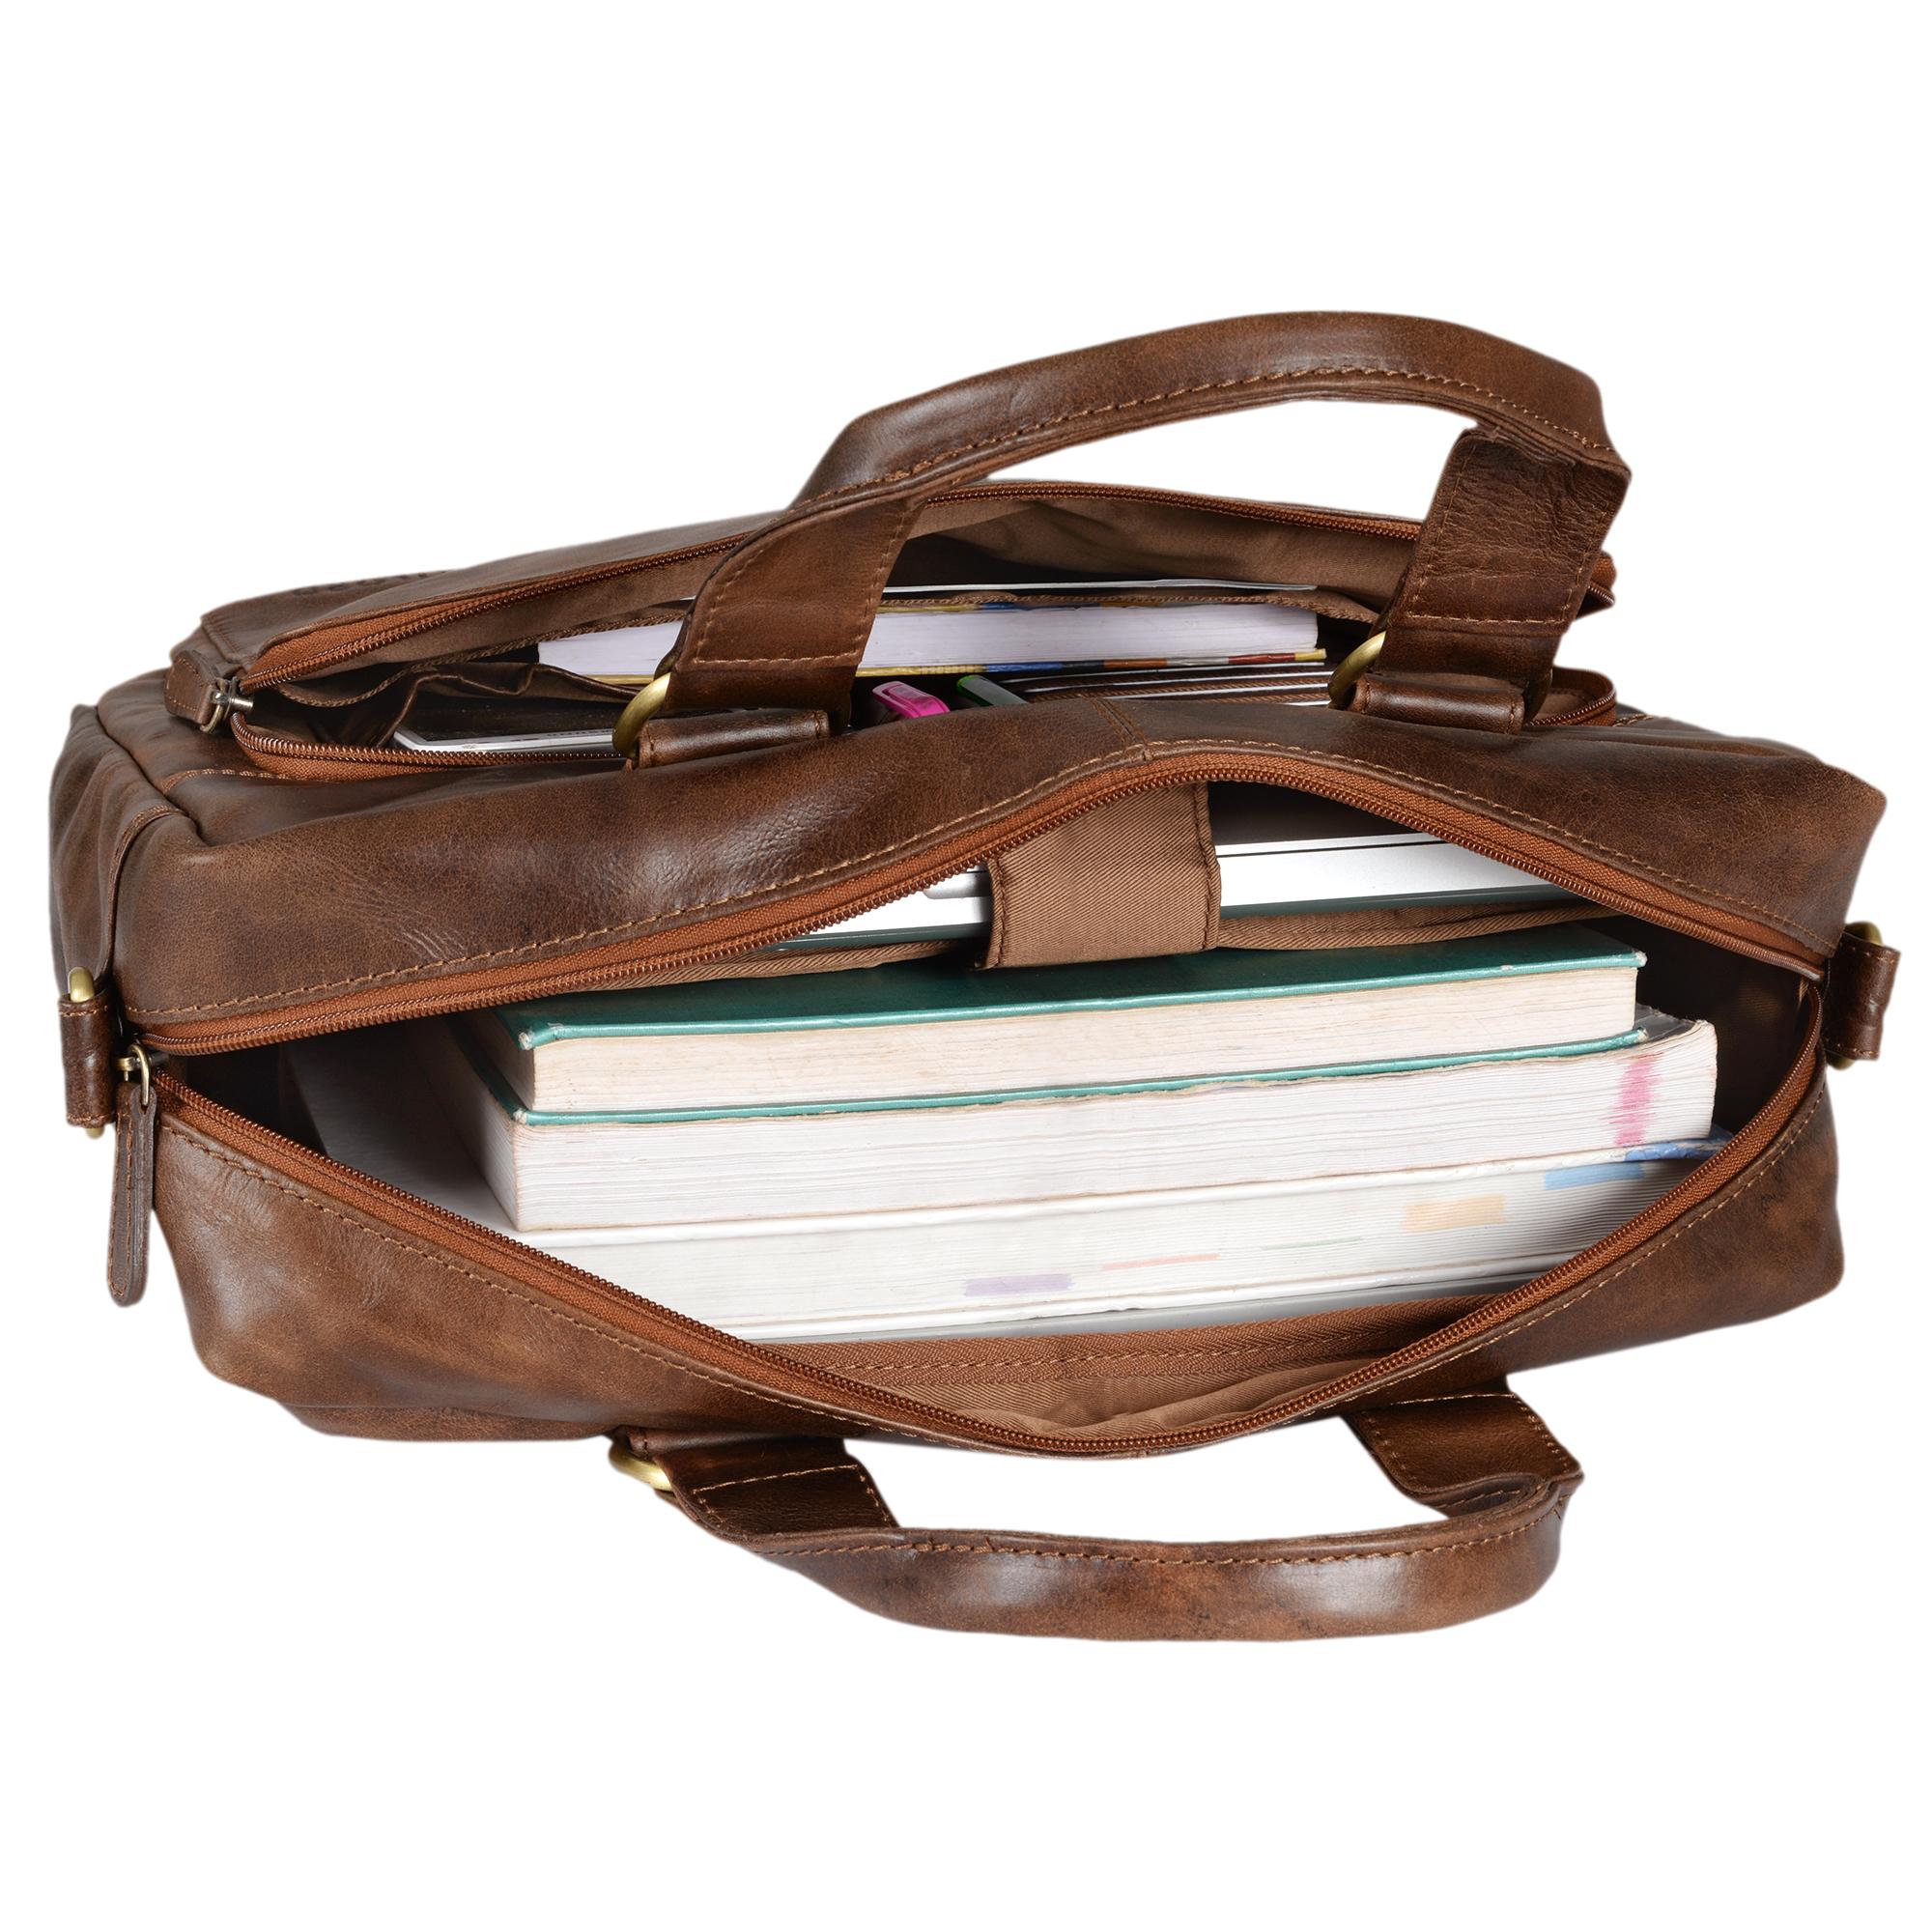 """STILORD """"Jack"""" Ledertasche Aktentasche Herren Vintage Umhängetasche für Büro Business Arbeit 13,3 Zoll Laptoptasche für große DIN A4 Aktenordner echtes Leder - Bild 6"""